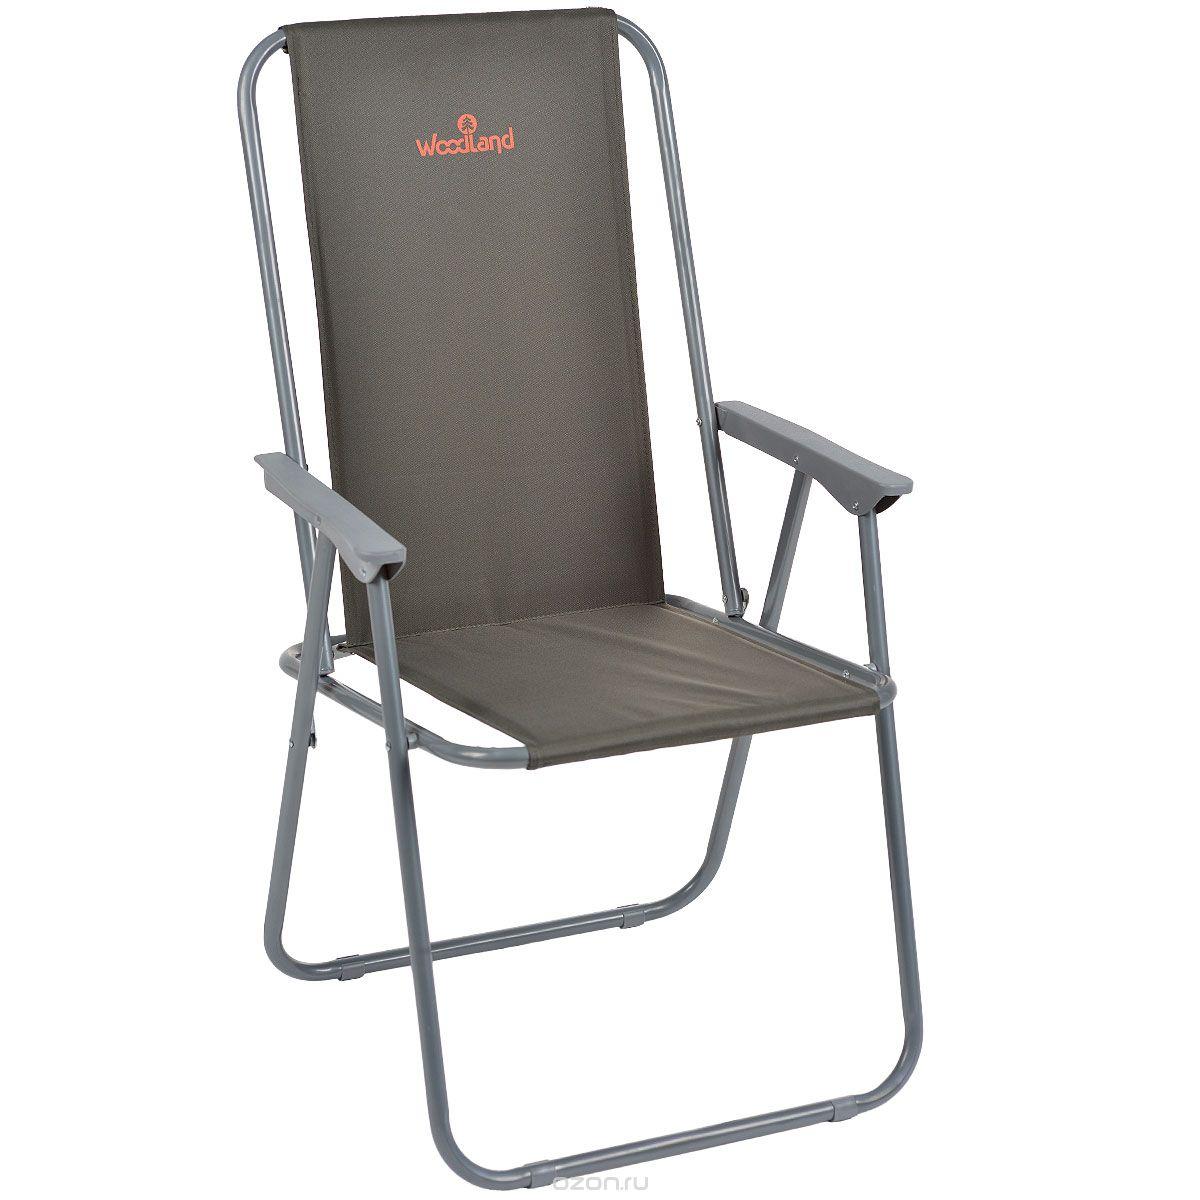 Кресло Woodland Relax, складное, кемпинговое, Стулья, кресла<br>Материал: Сталь ? 18 мм. Oxford 600D Размер: 58 x <br>49 / 52 x 38 / 86 см. Вес: 2,5 кг. Компактная складная <br>конструкция. Прочный стальной каркас, диаметром <br>18 мм, с покрытием Водоотталкивающее ПВХ <br>покрытие ткани Oxford 600D. Максимально допустимая <br>нагрузка 120 кг.<br>